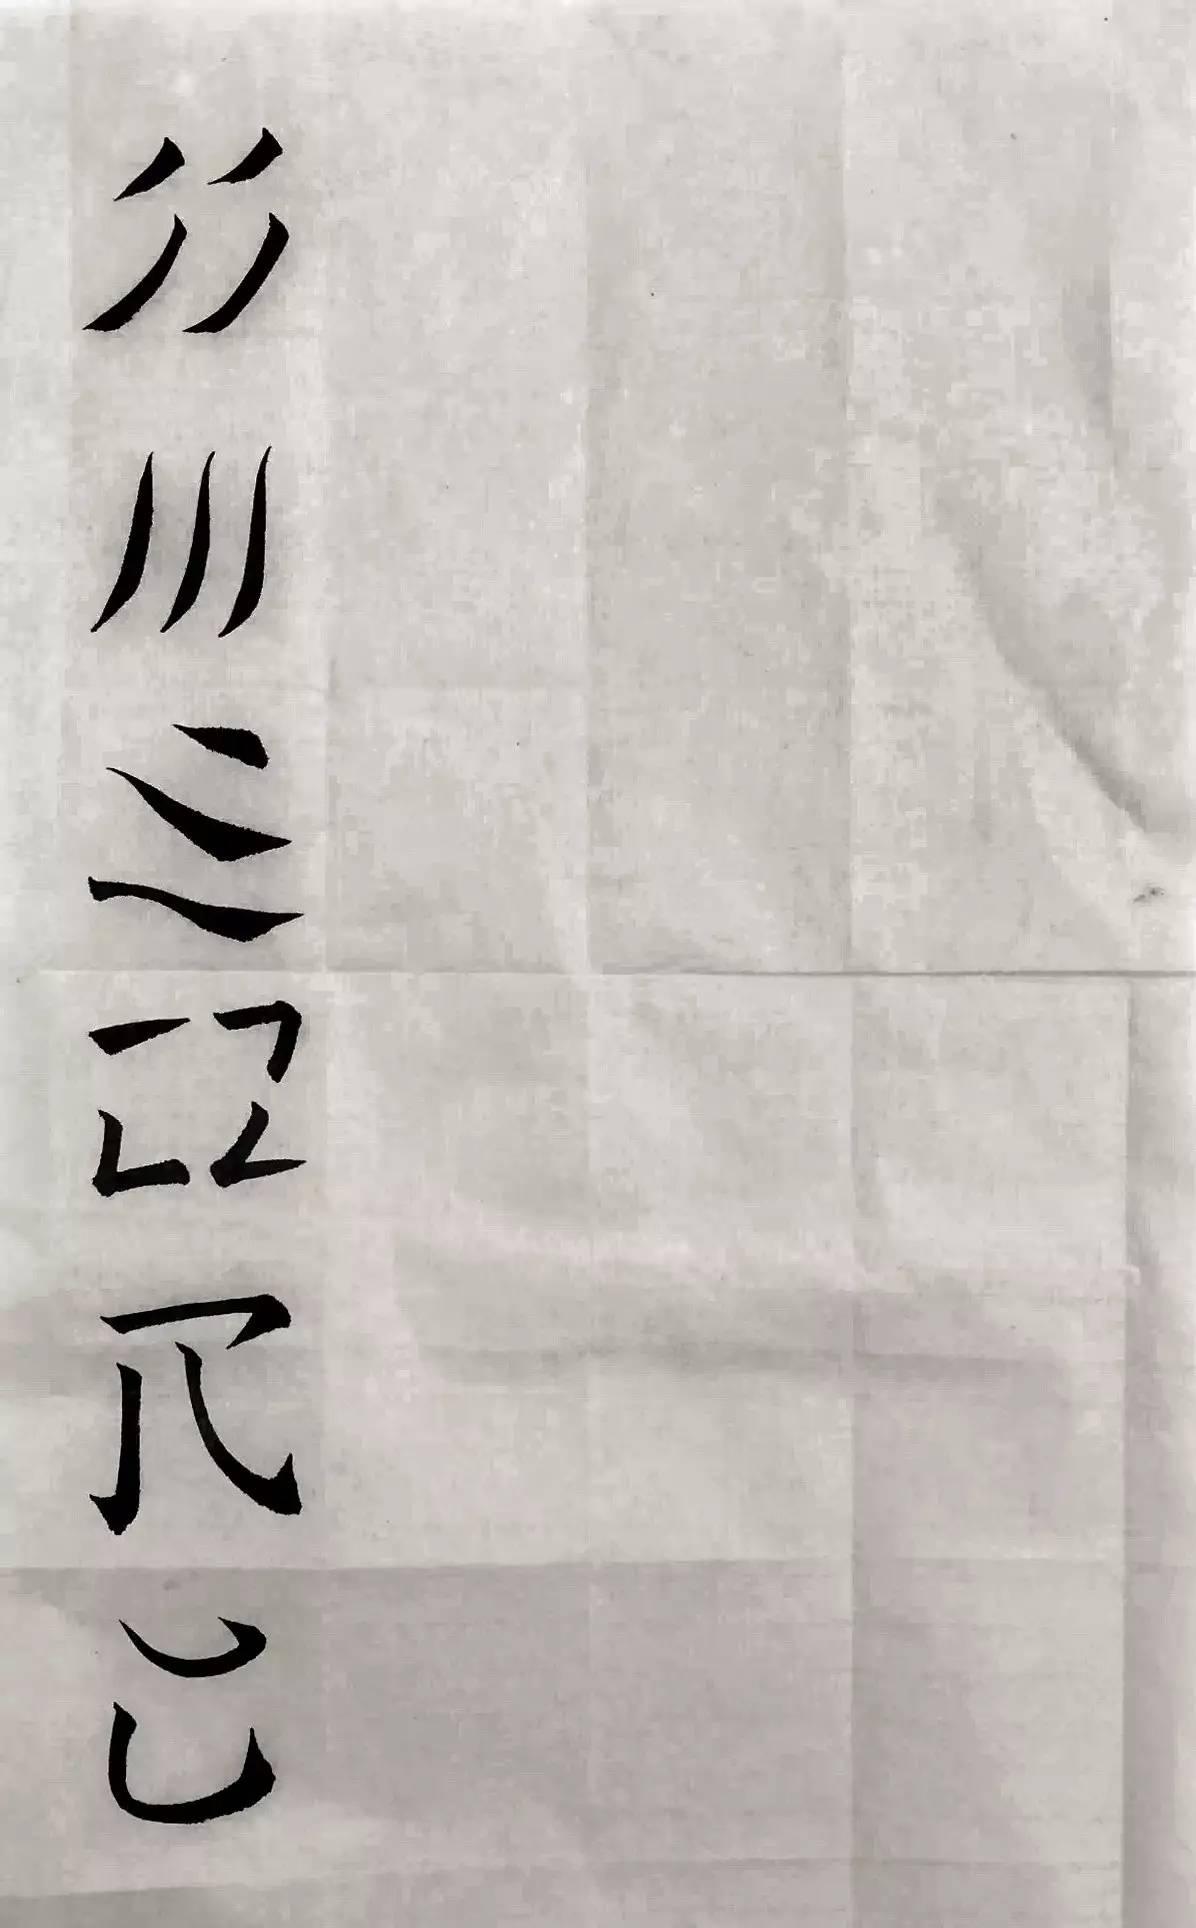 毛笔哥哥 楷书入门 二期 网课 楷书基本笔画练习作业 top10